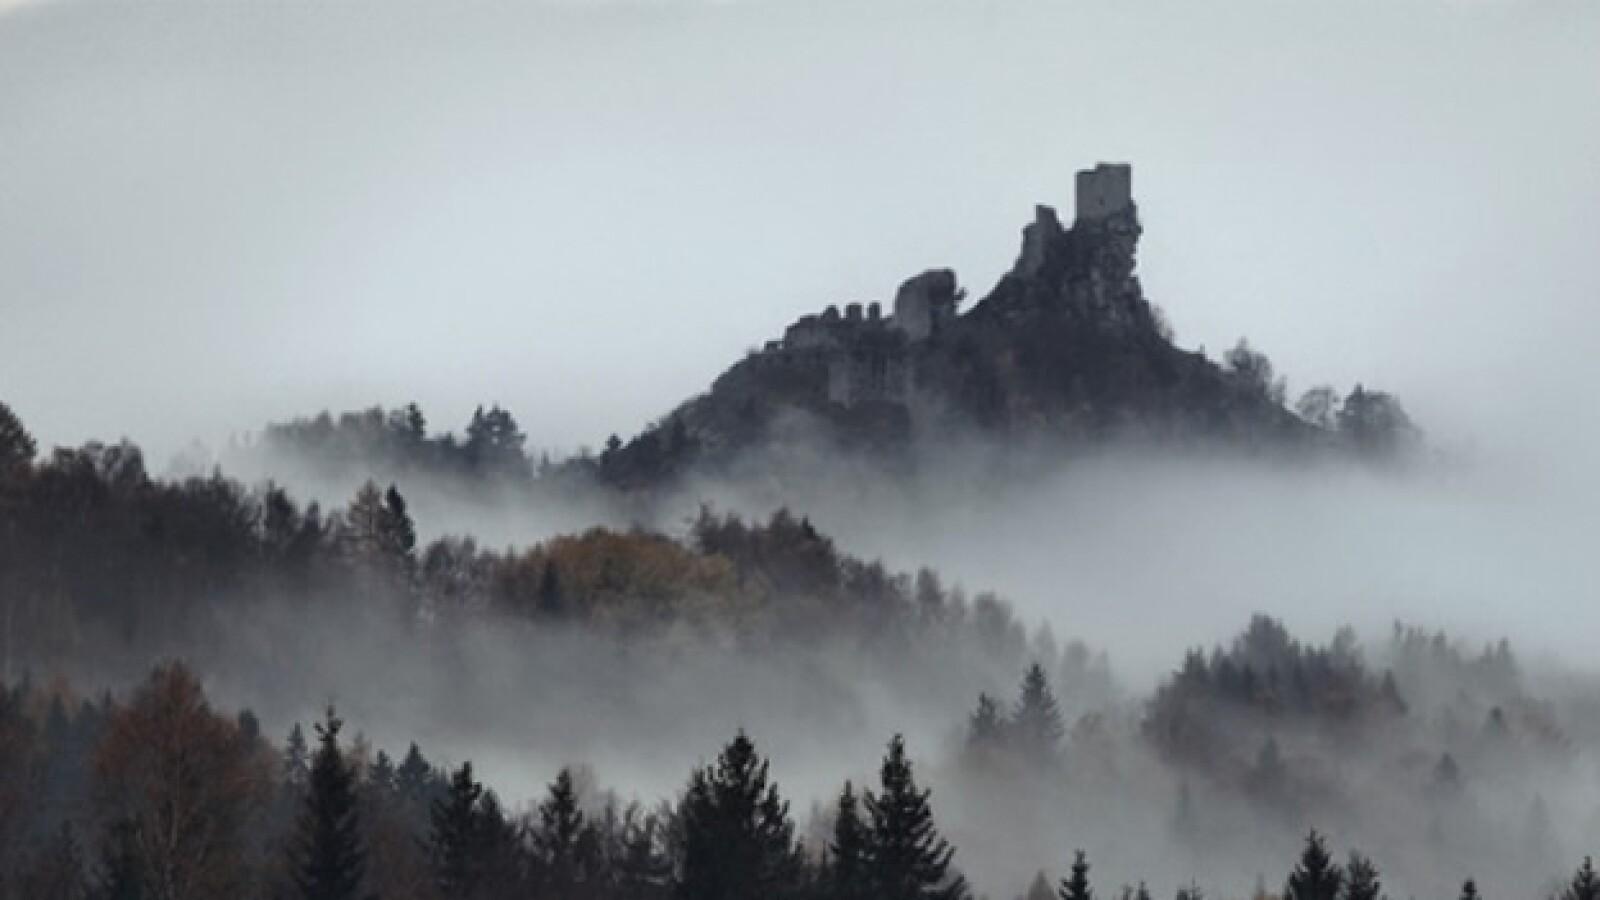 Unas ruinas del castillo de Flossenburg, Alemania